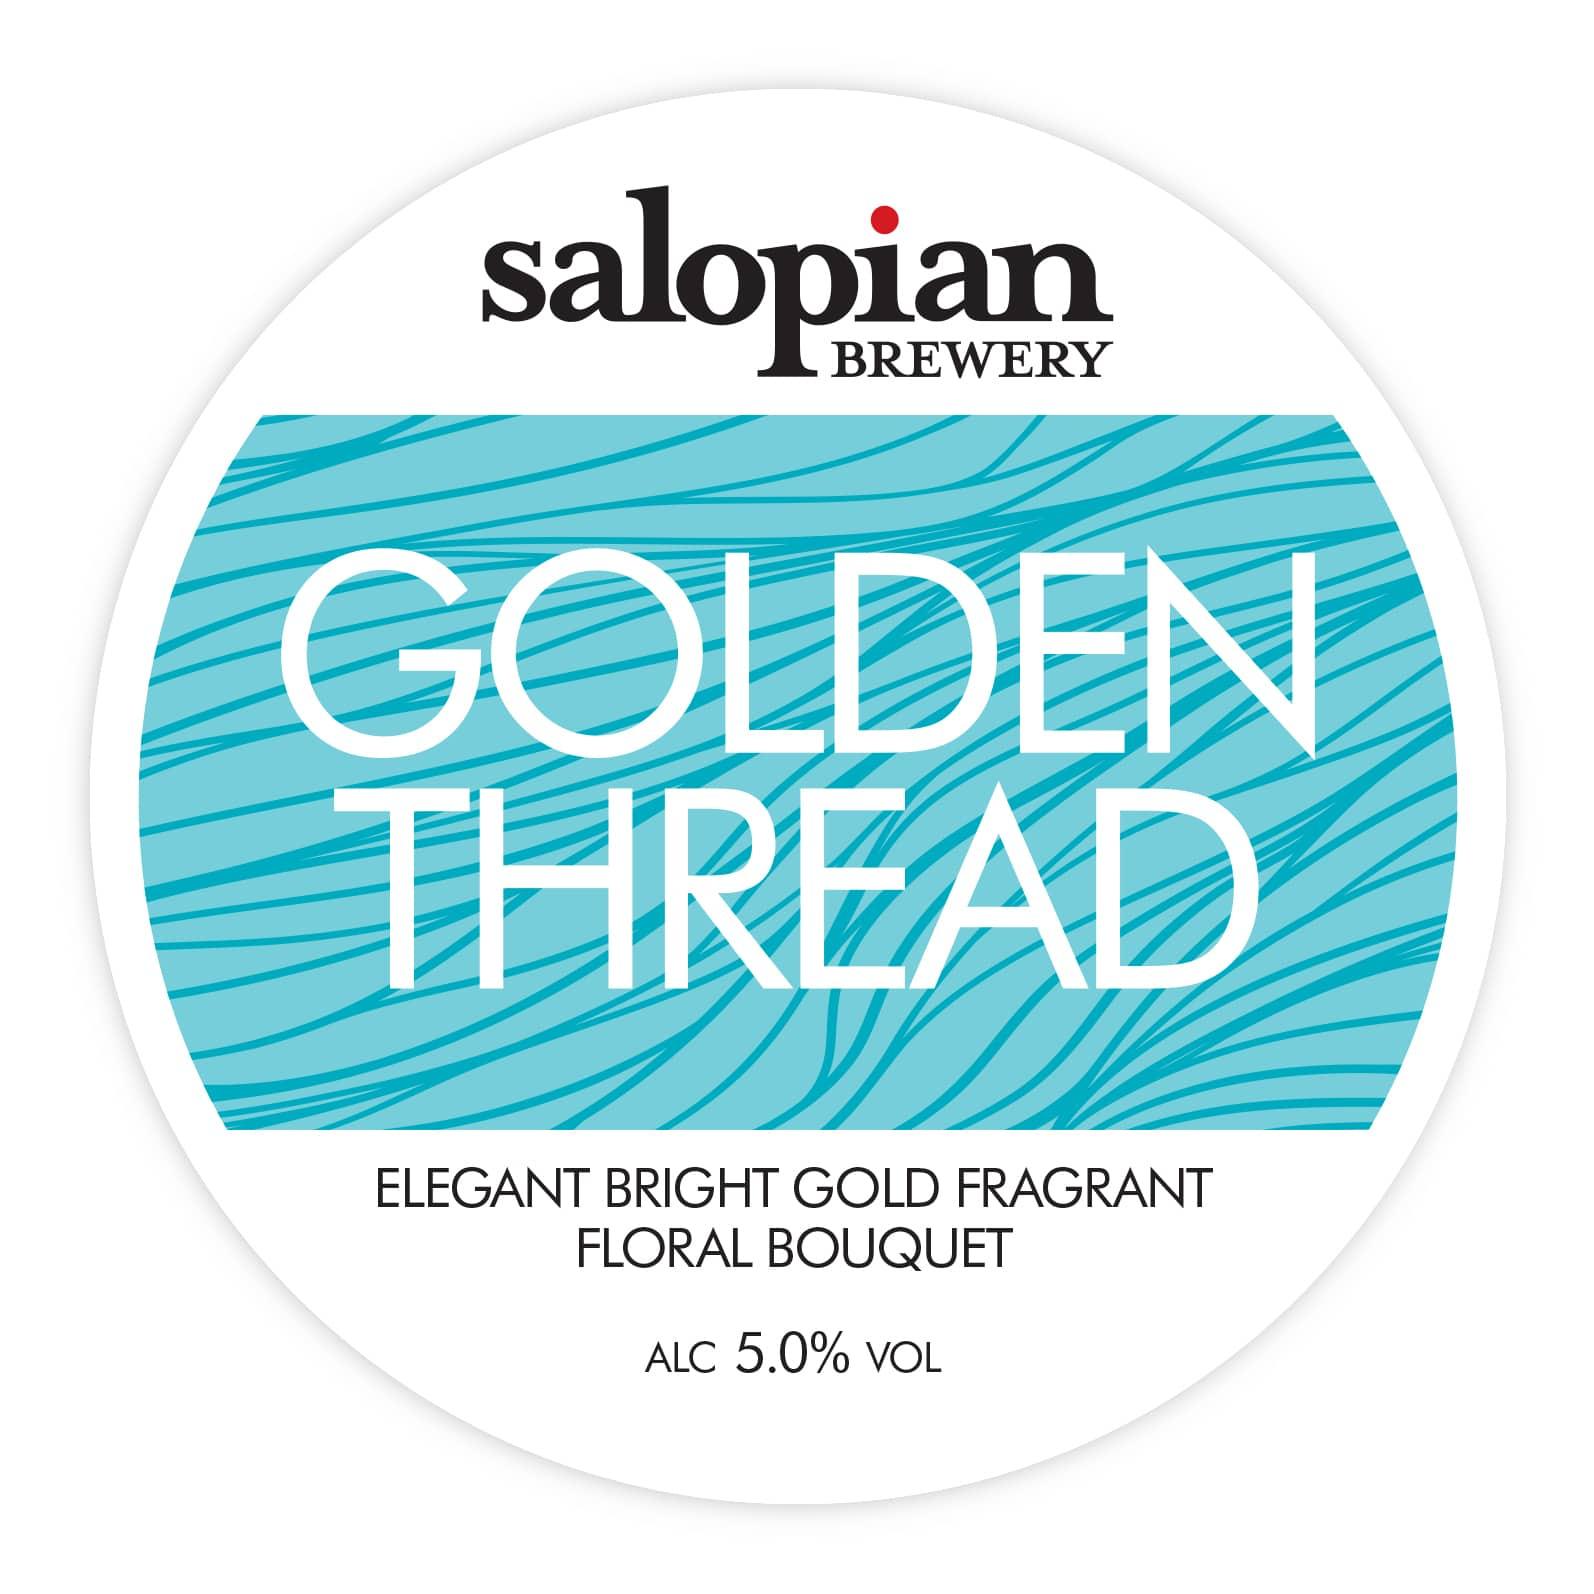 Goldenthreadnew